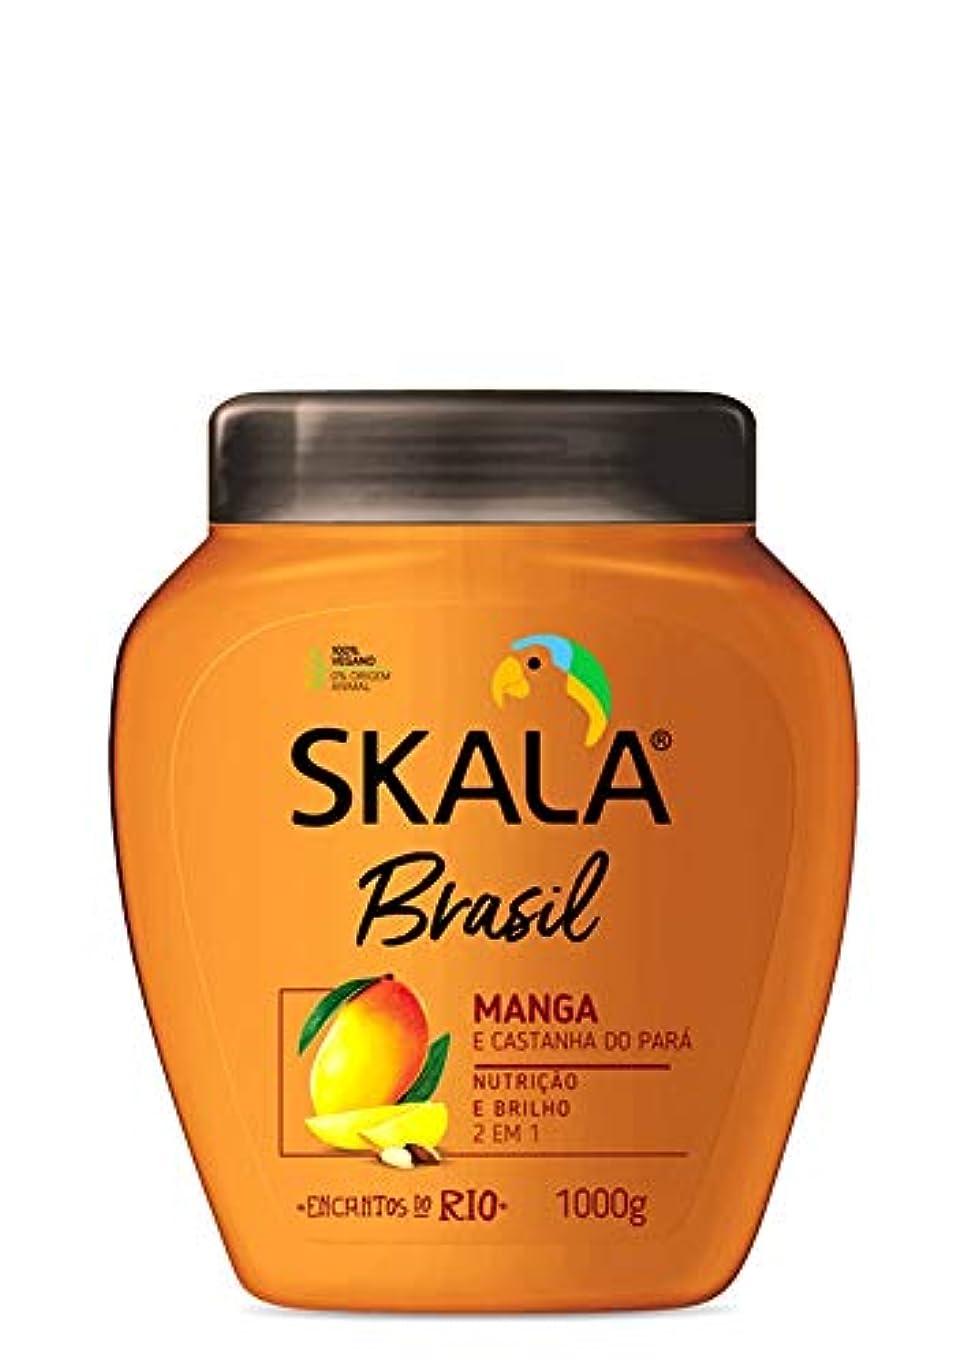 驚順応性のあるはちみつSkala Brasil スカラブラジル マンゴー&パラ栗 オールヘア用 2イン1 トリートメントクリーム 1kg